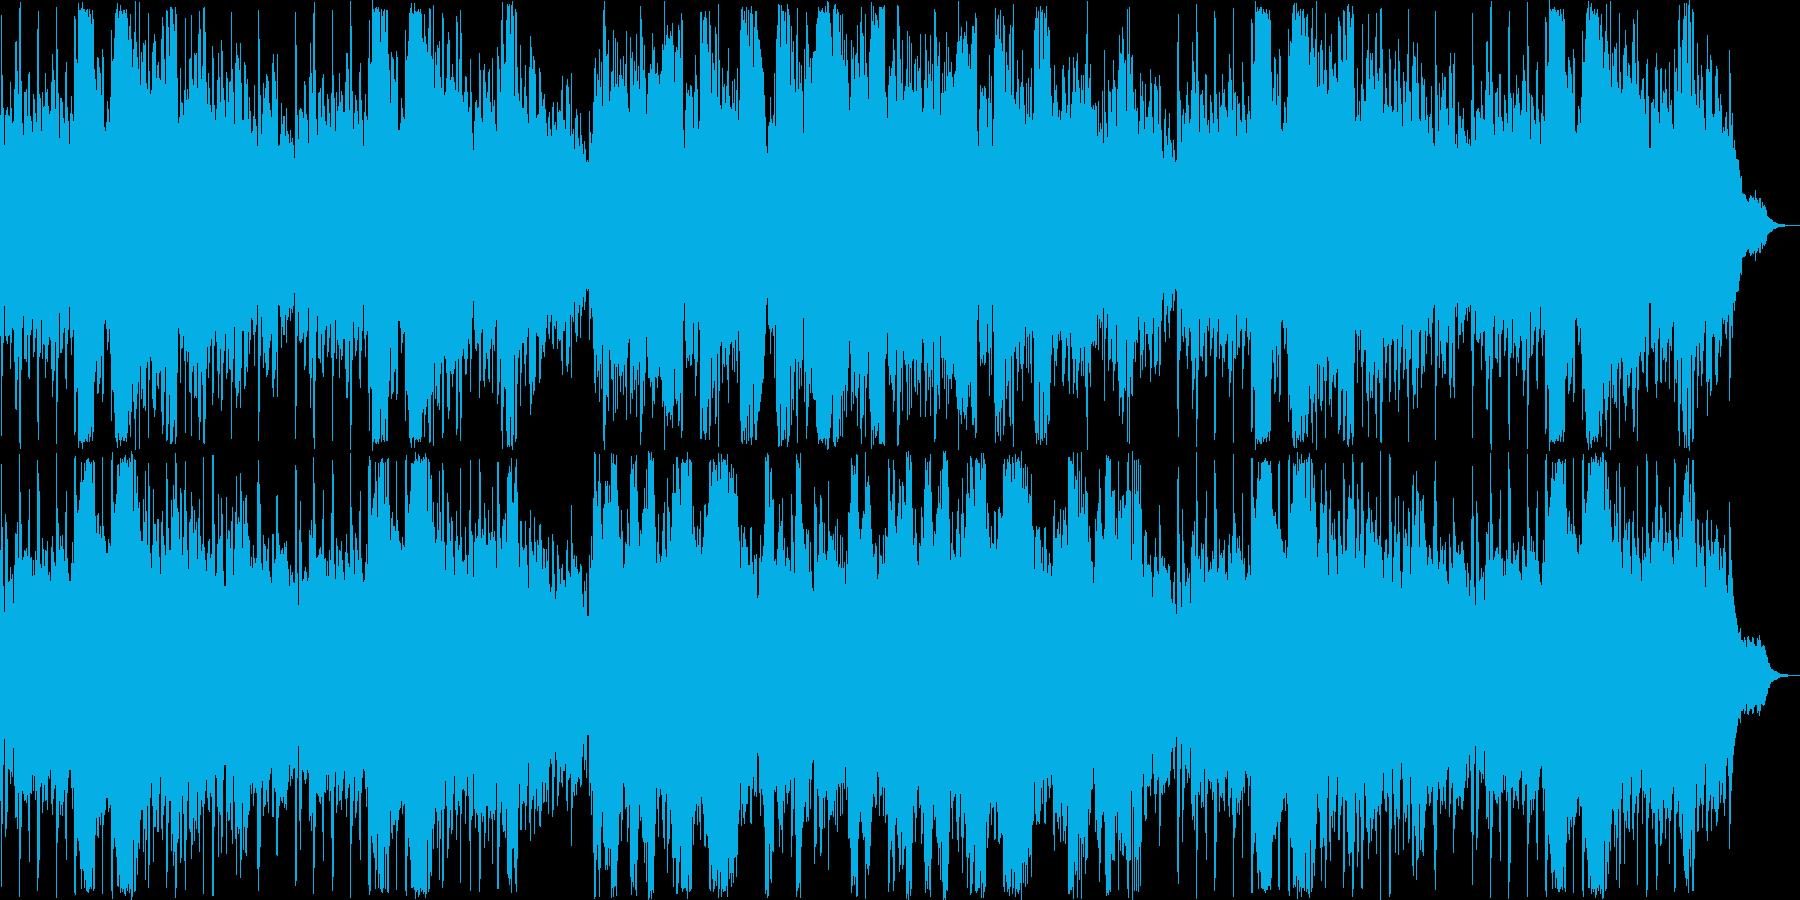 清々しいリラクゼーションミュージックの再生済みの波形